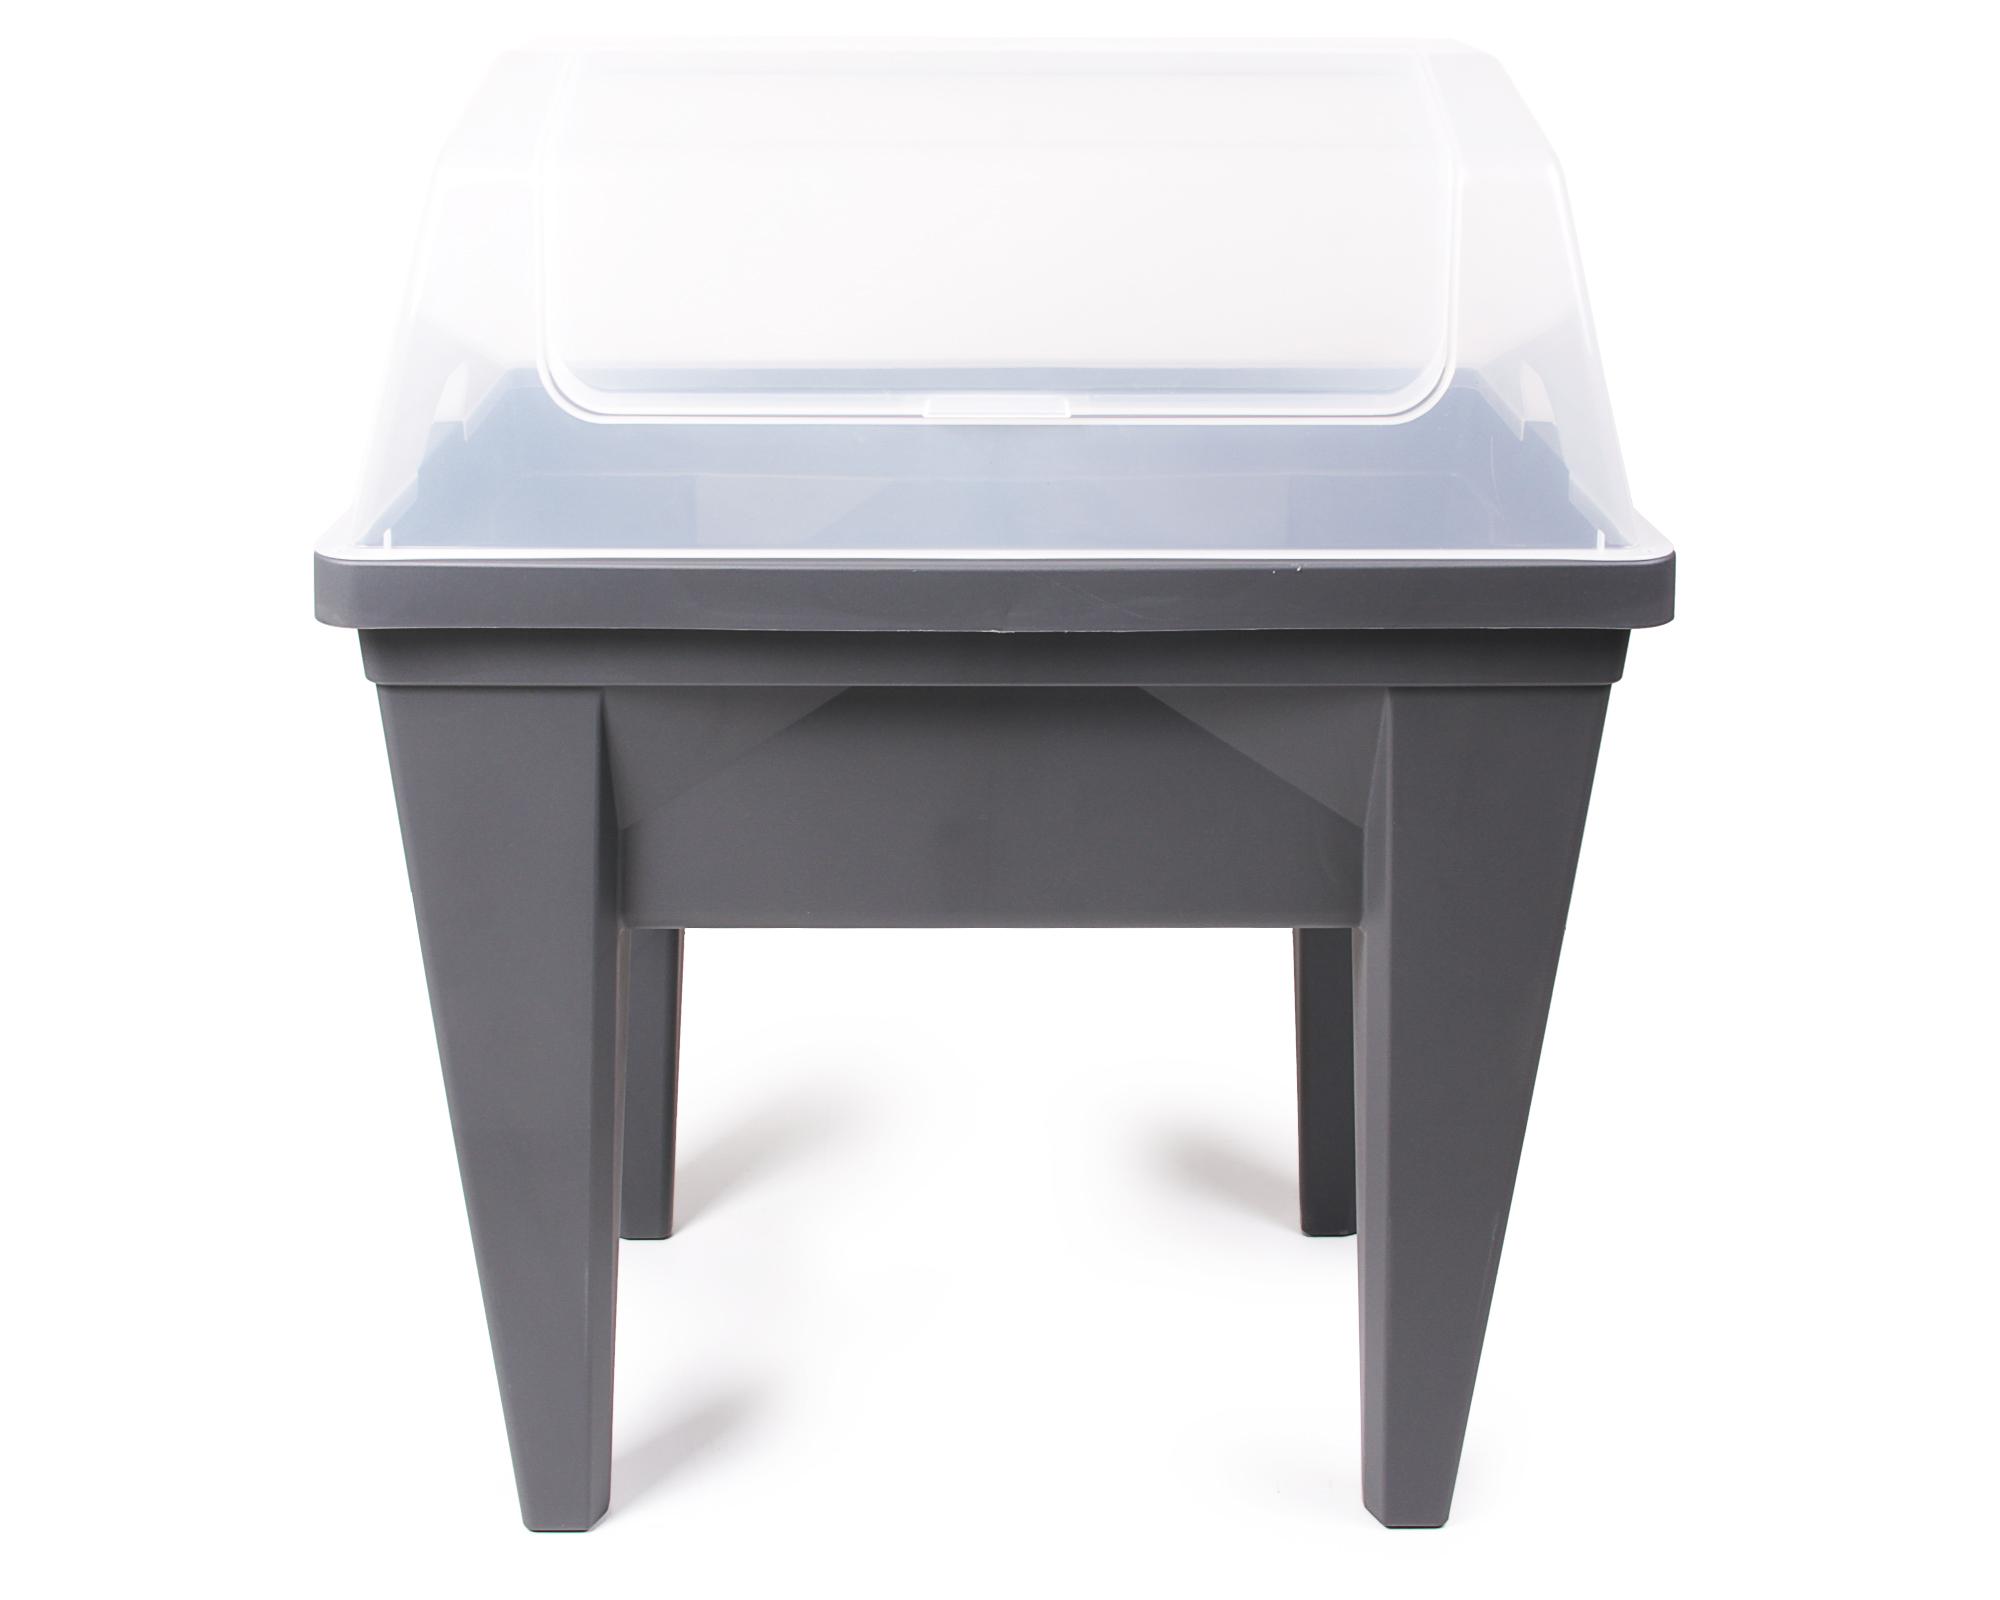 Ondis24 Hochbeet Veg Table City Xl Mit Gewachshaus Gunstig Online Kaufen